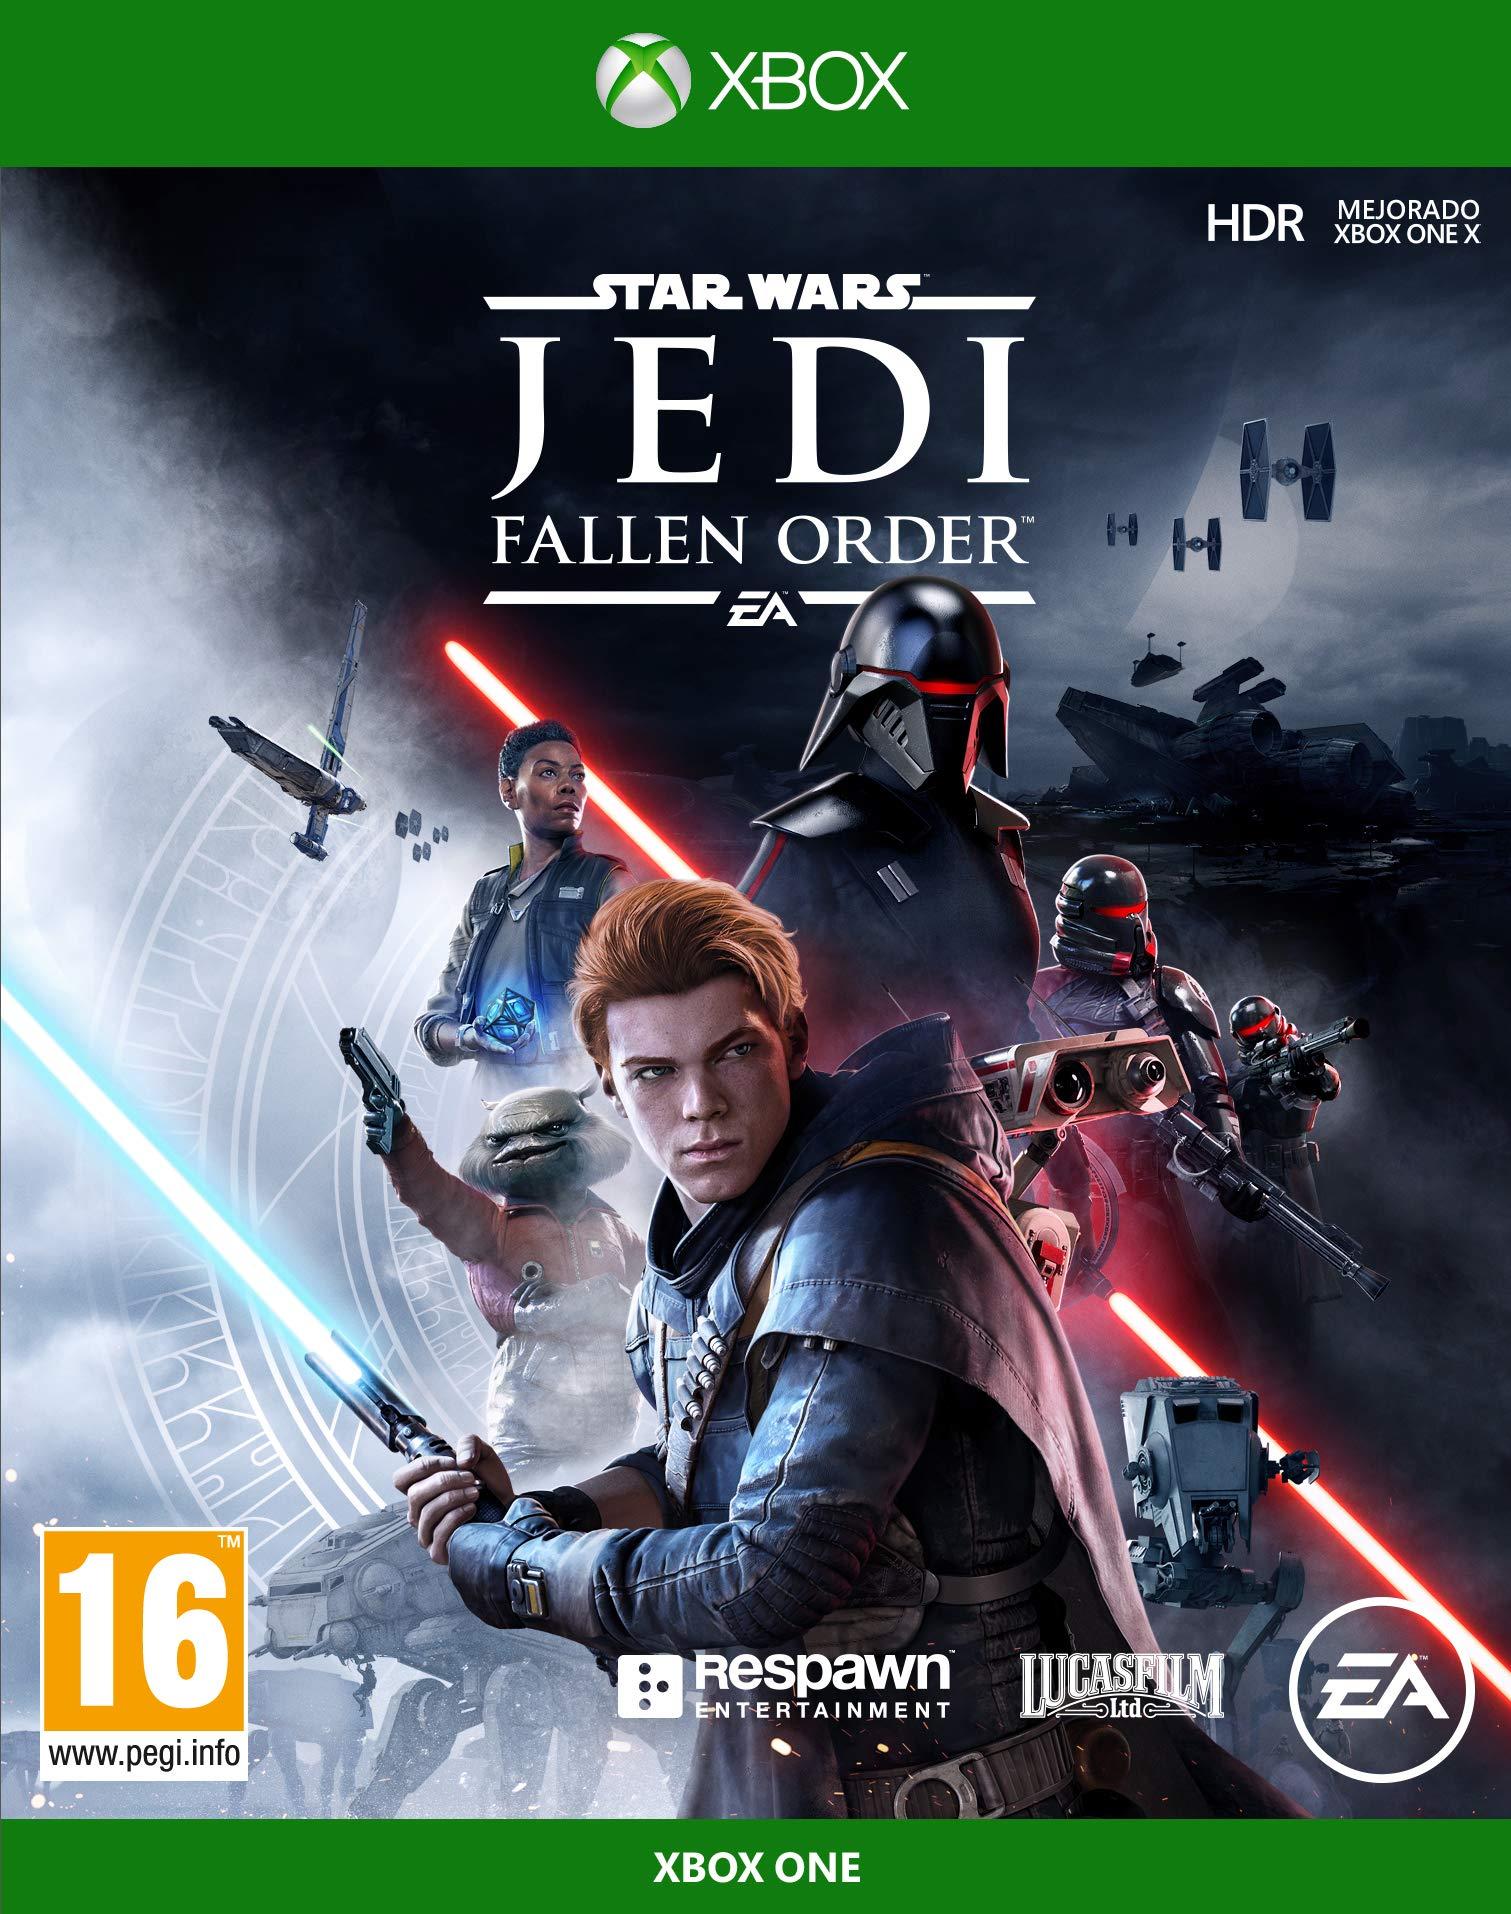 Star Wars Jedi Fallen Order – Xbox One